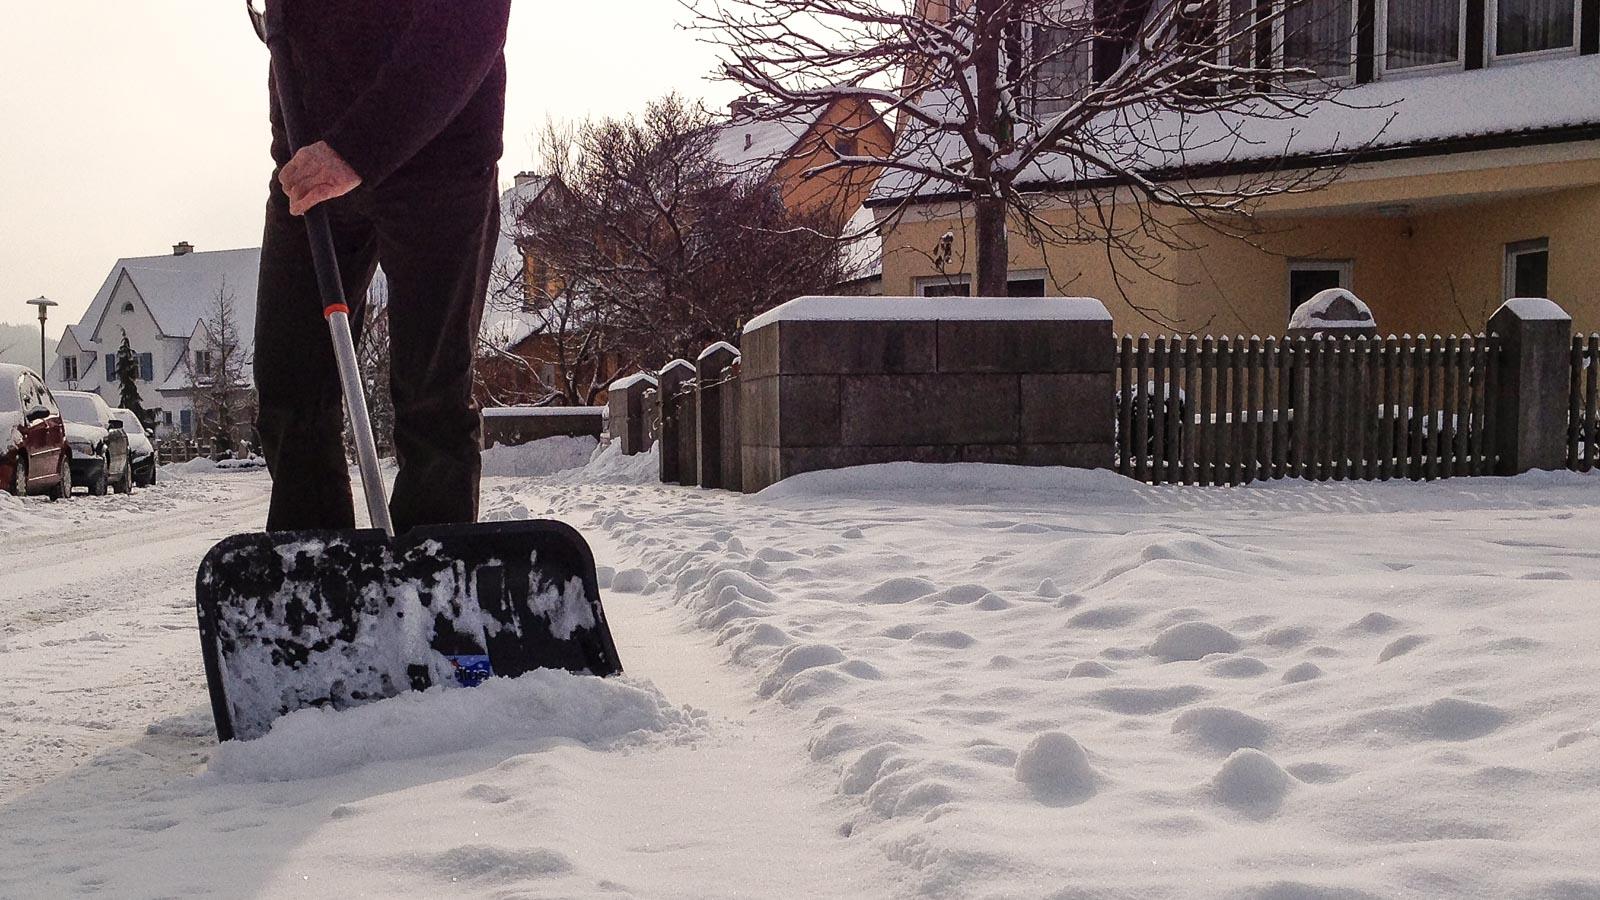 Mann beseitigt Schnee auf dem Bürgersteig mit Schneeschaufel